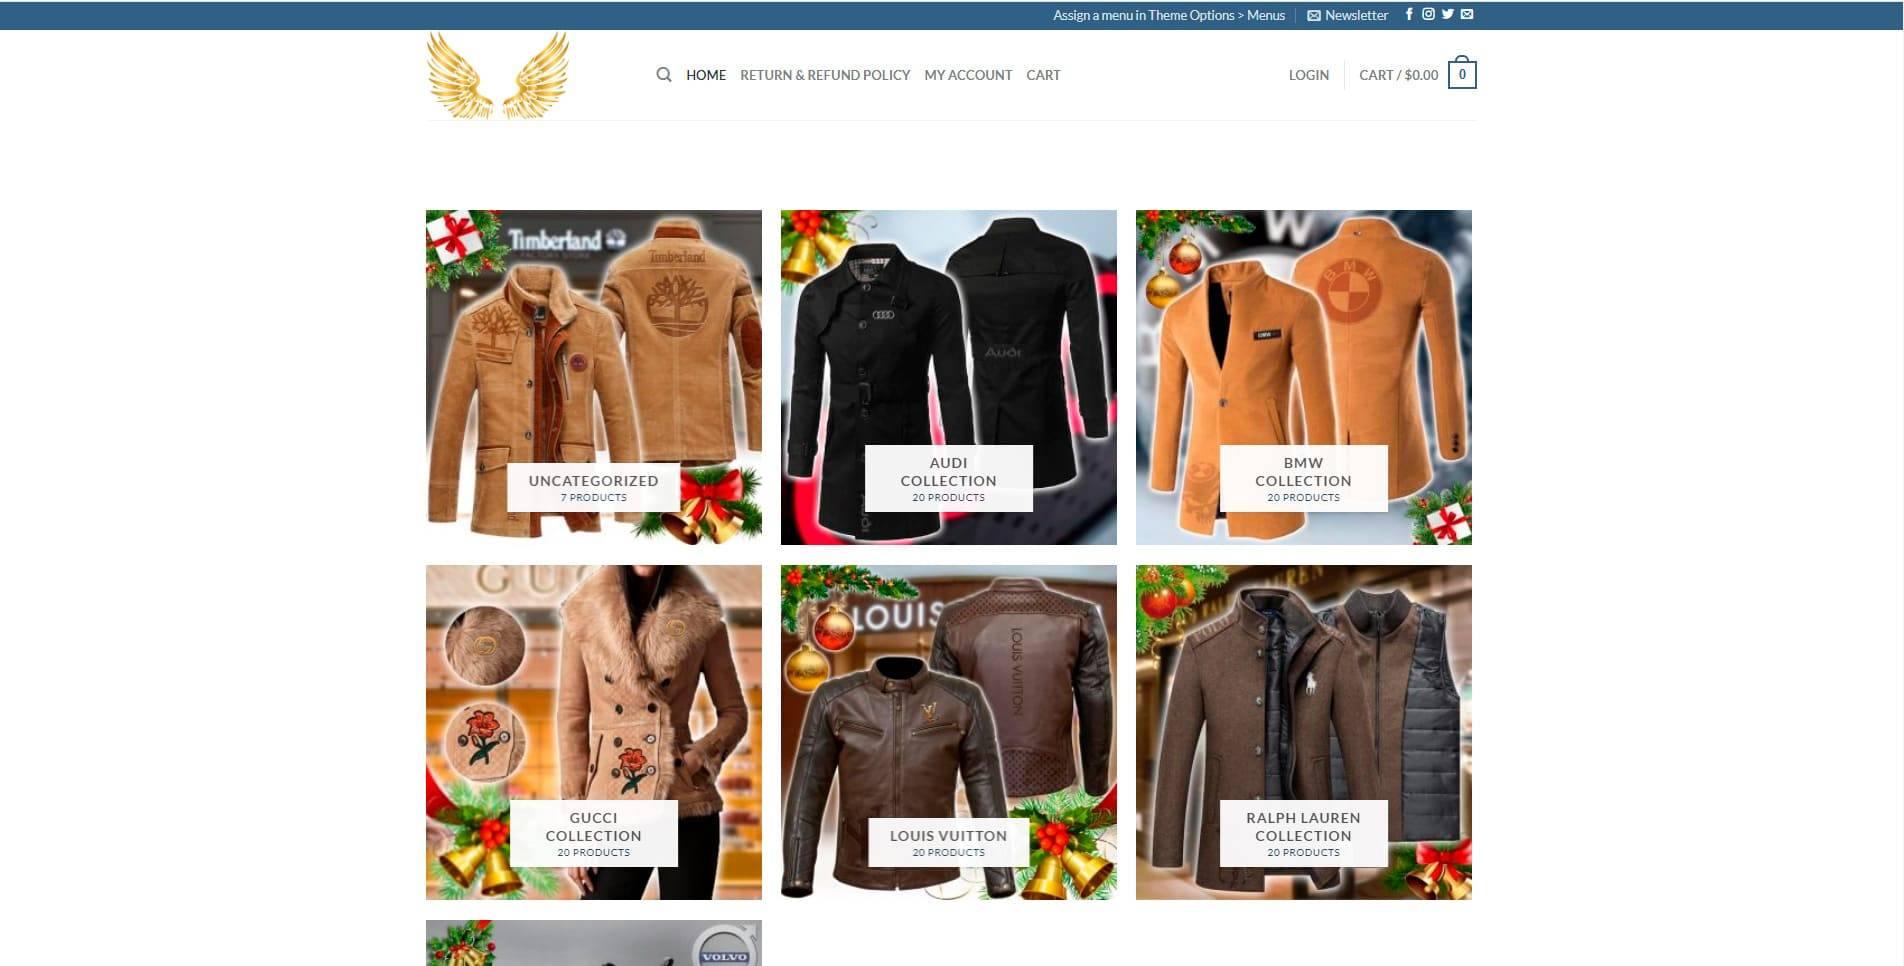 Waneloluxury.com Tienda Online Falsa Moda Lujo